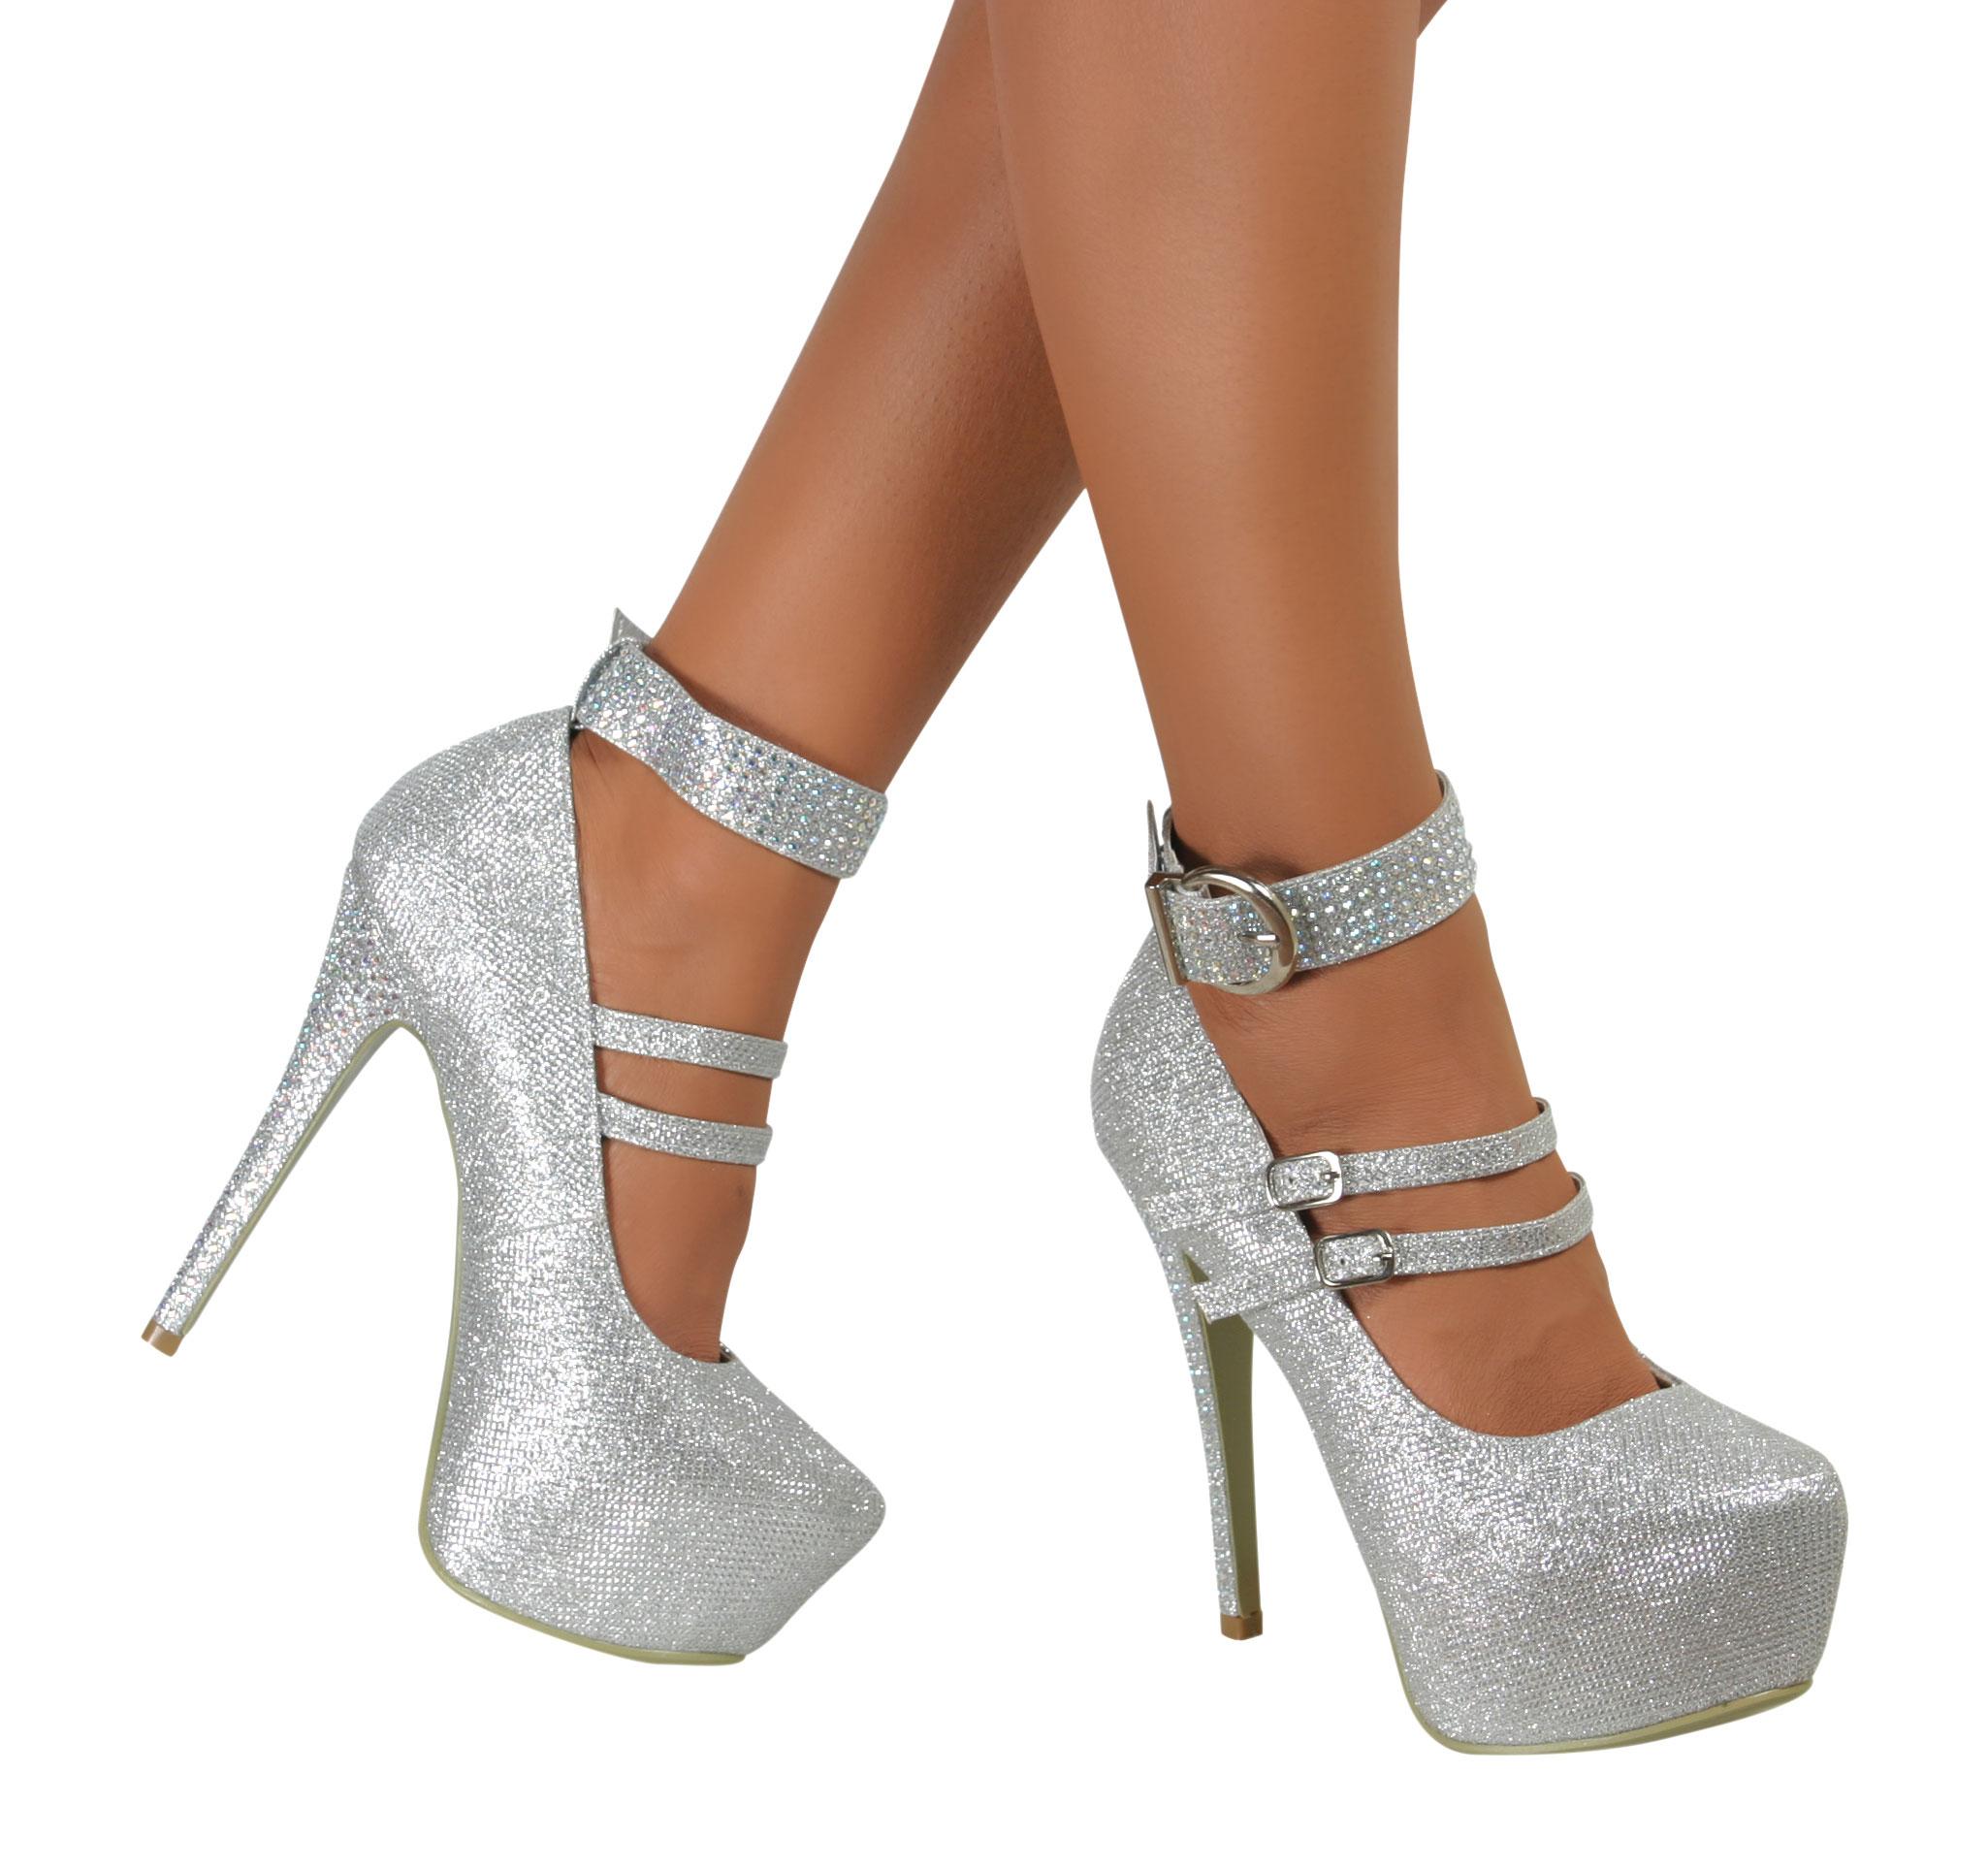 Silver Glitter Heels 4 Inch